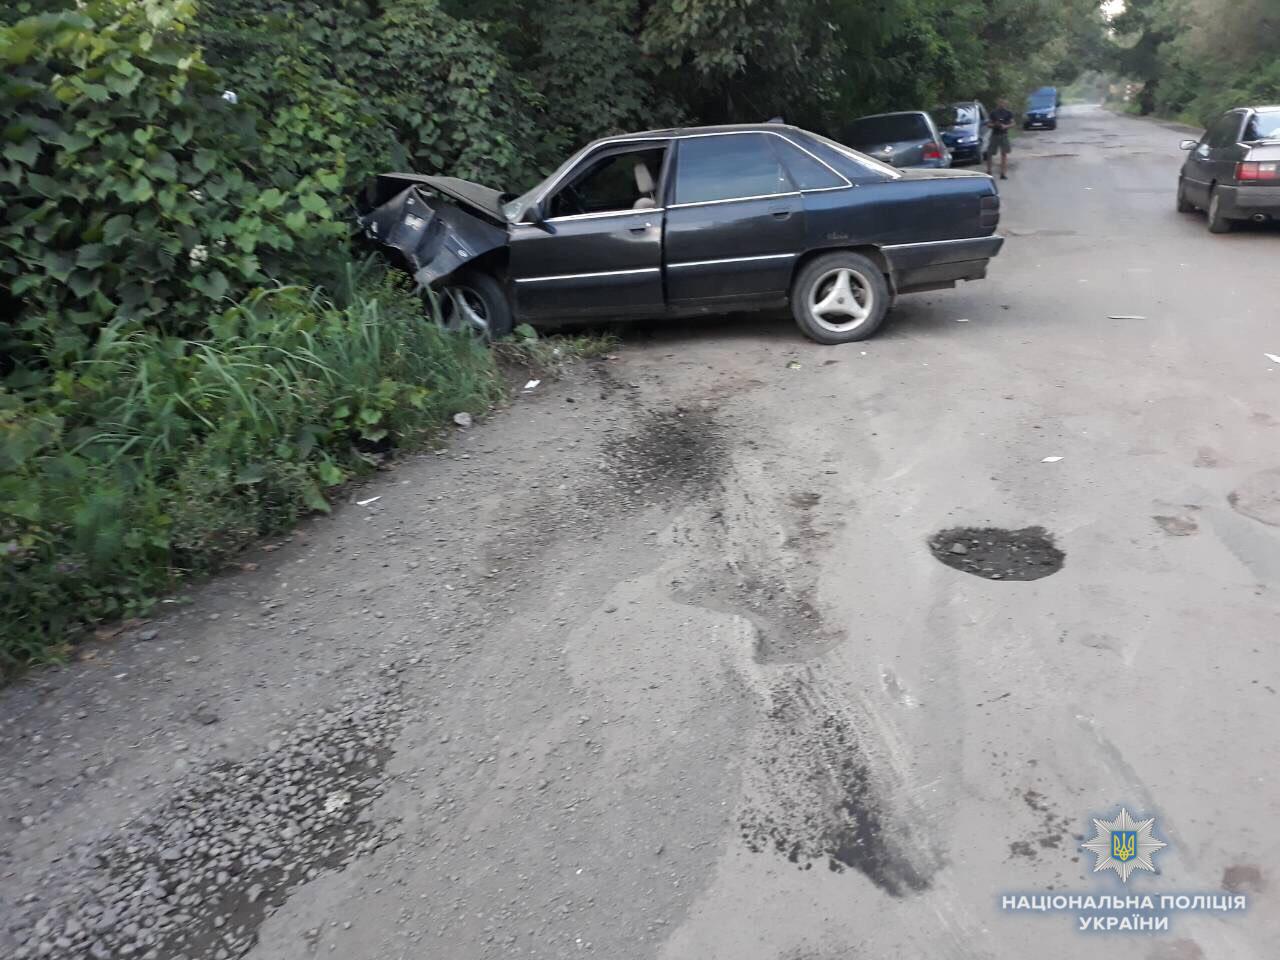 ДТП на Виноградівщині: постраждали шестеро людей, серед яких є діти